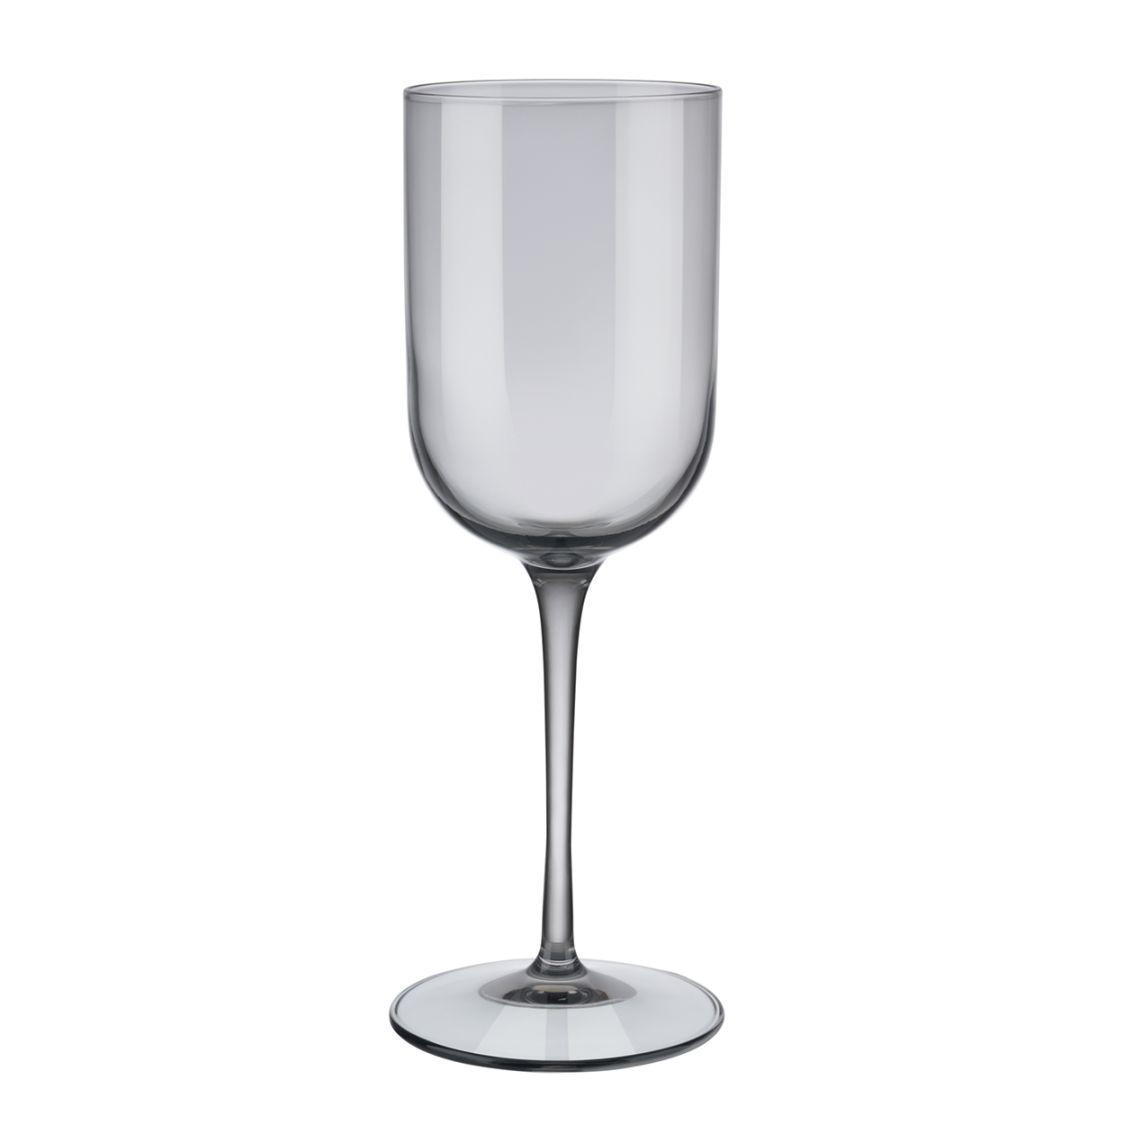 Sada sklenic na bílé víno FUUM 4ks, kouřová - Blomus